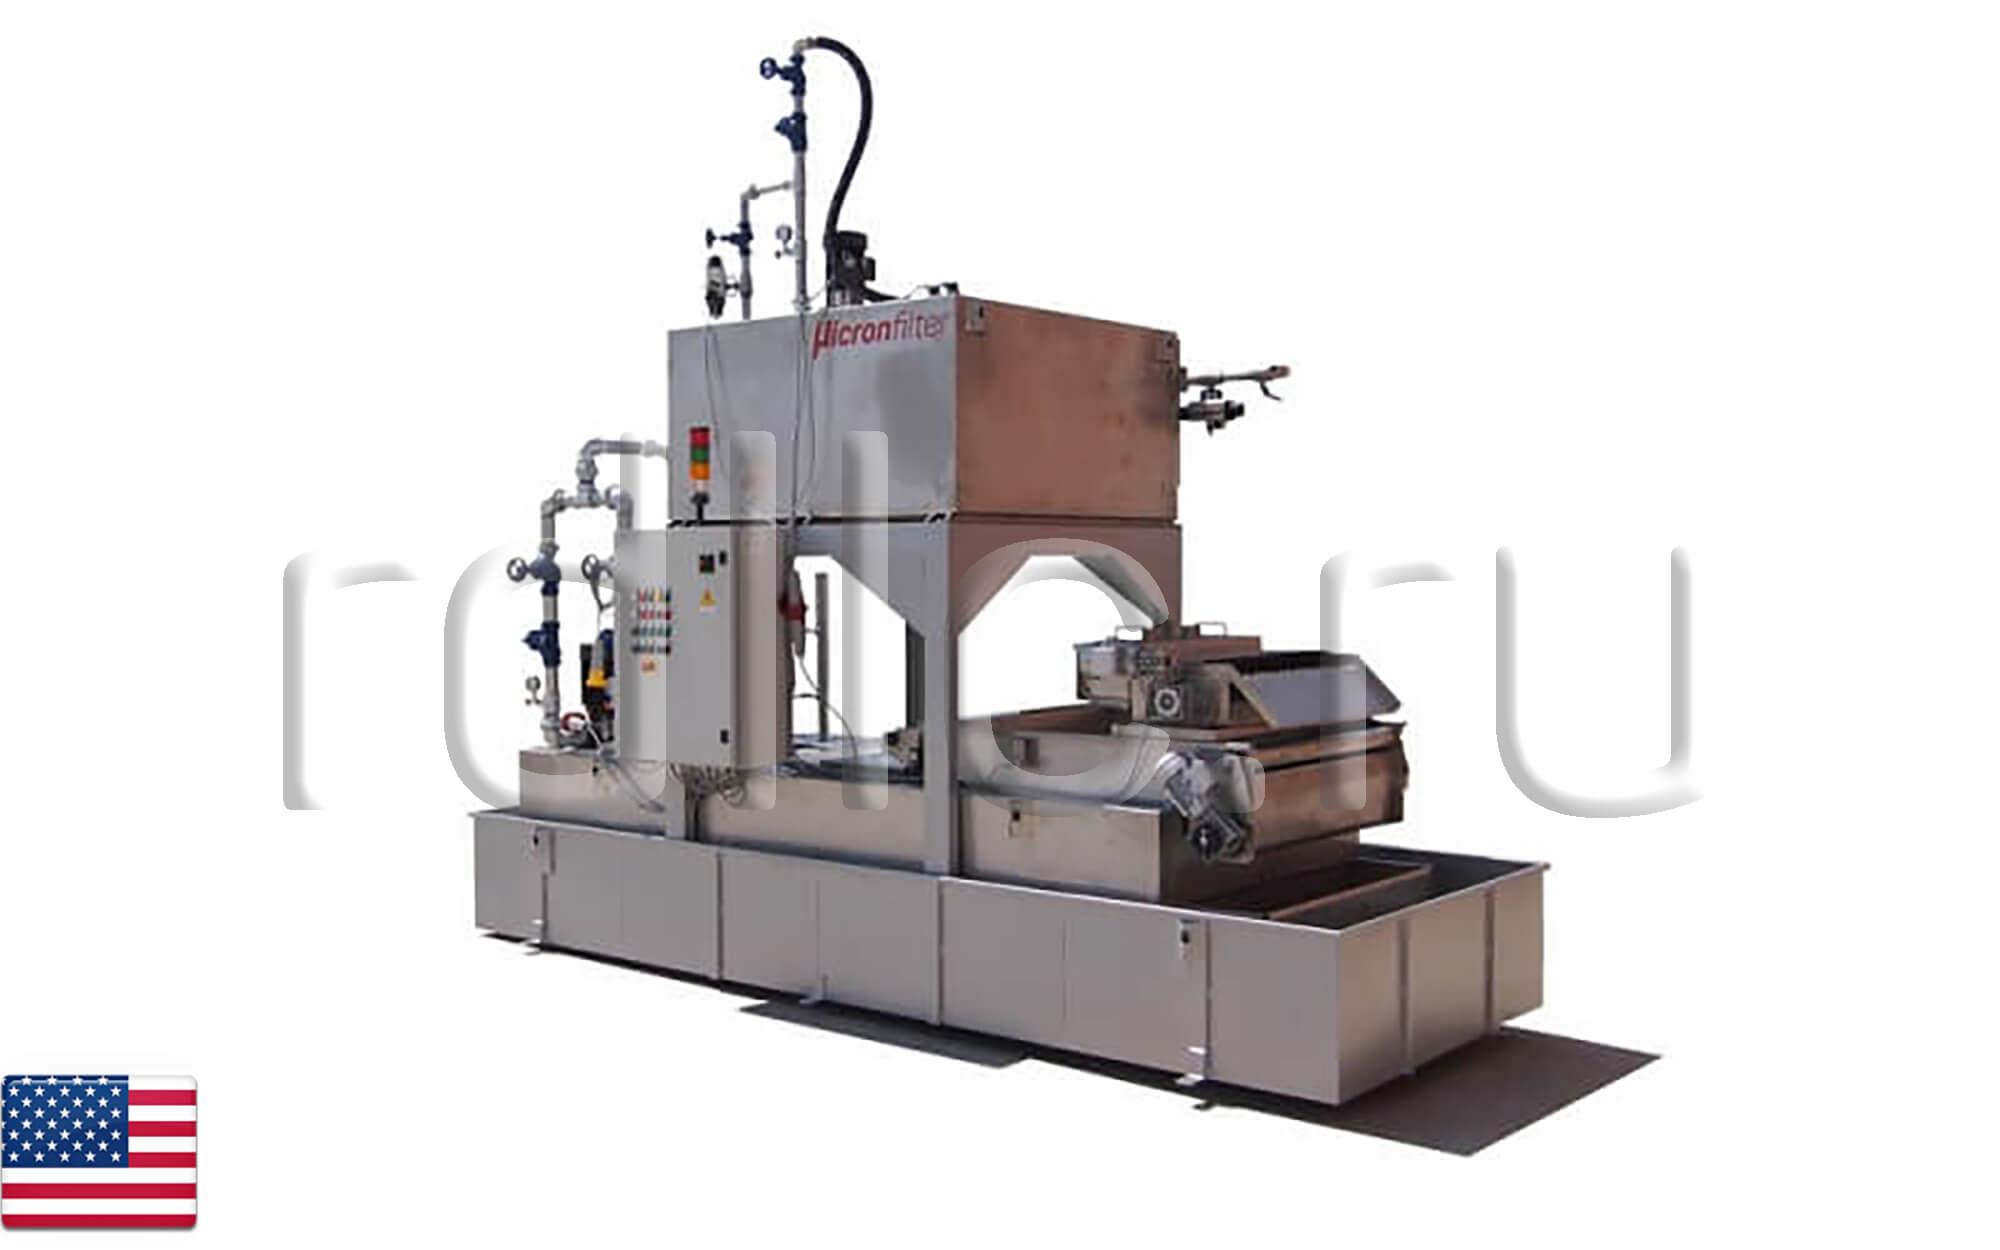 Фильтры очистки СОЖ Evotech для компаний, создающих будущее (фильтр СОЖ гравитационного типа Evotech (нержавеющая сталь) | магнитный сепаратор СОЖ Kalamit (нержавеющая сталь)